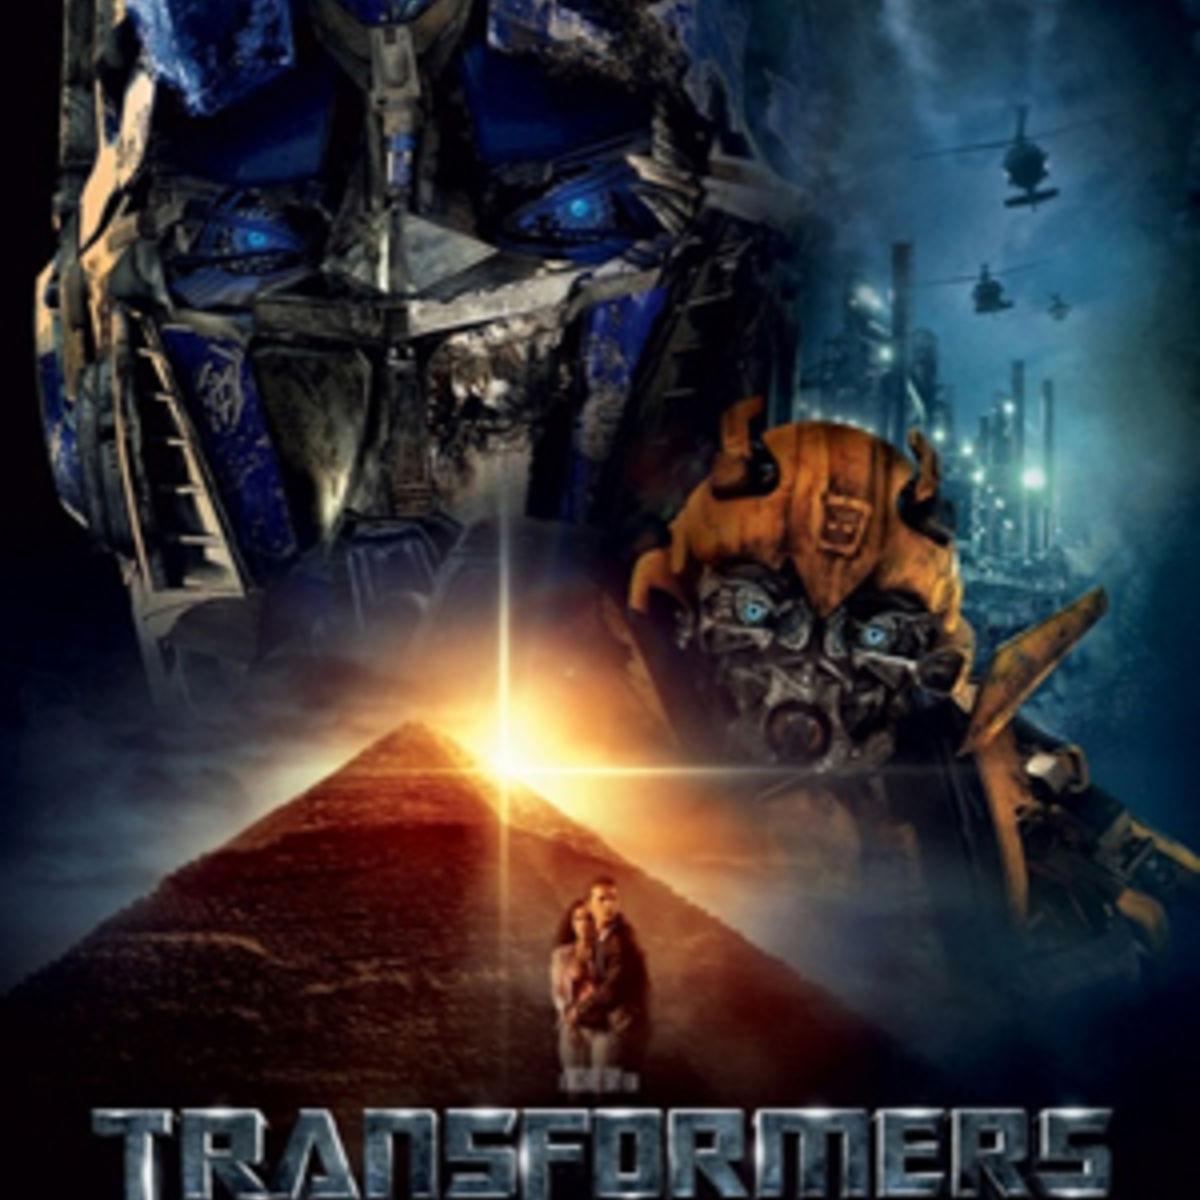 TransformersFallenReview1.jpg